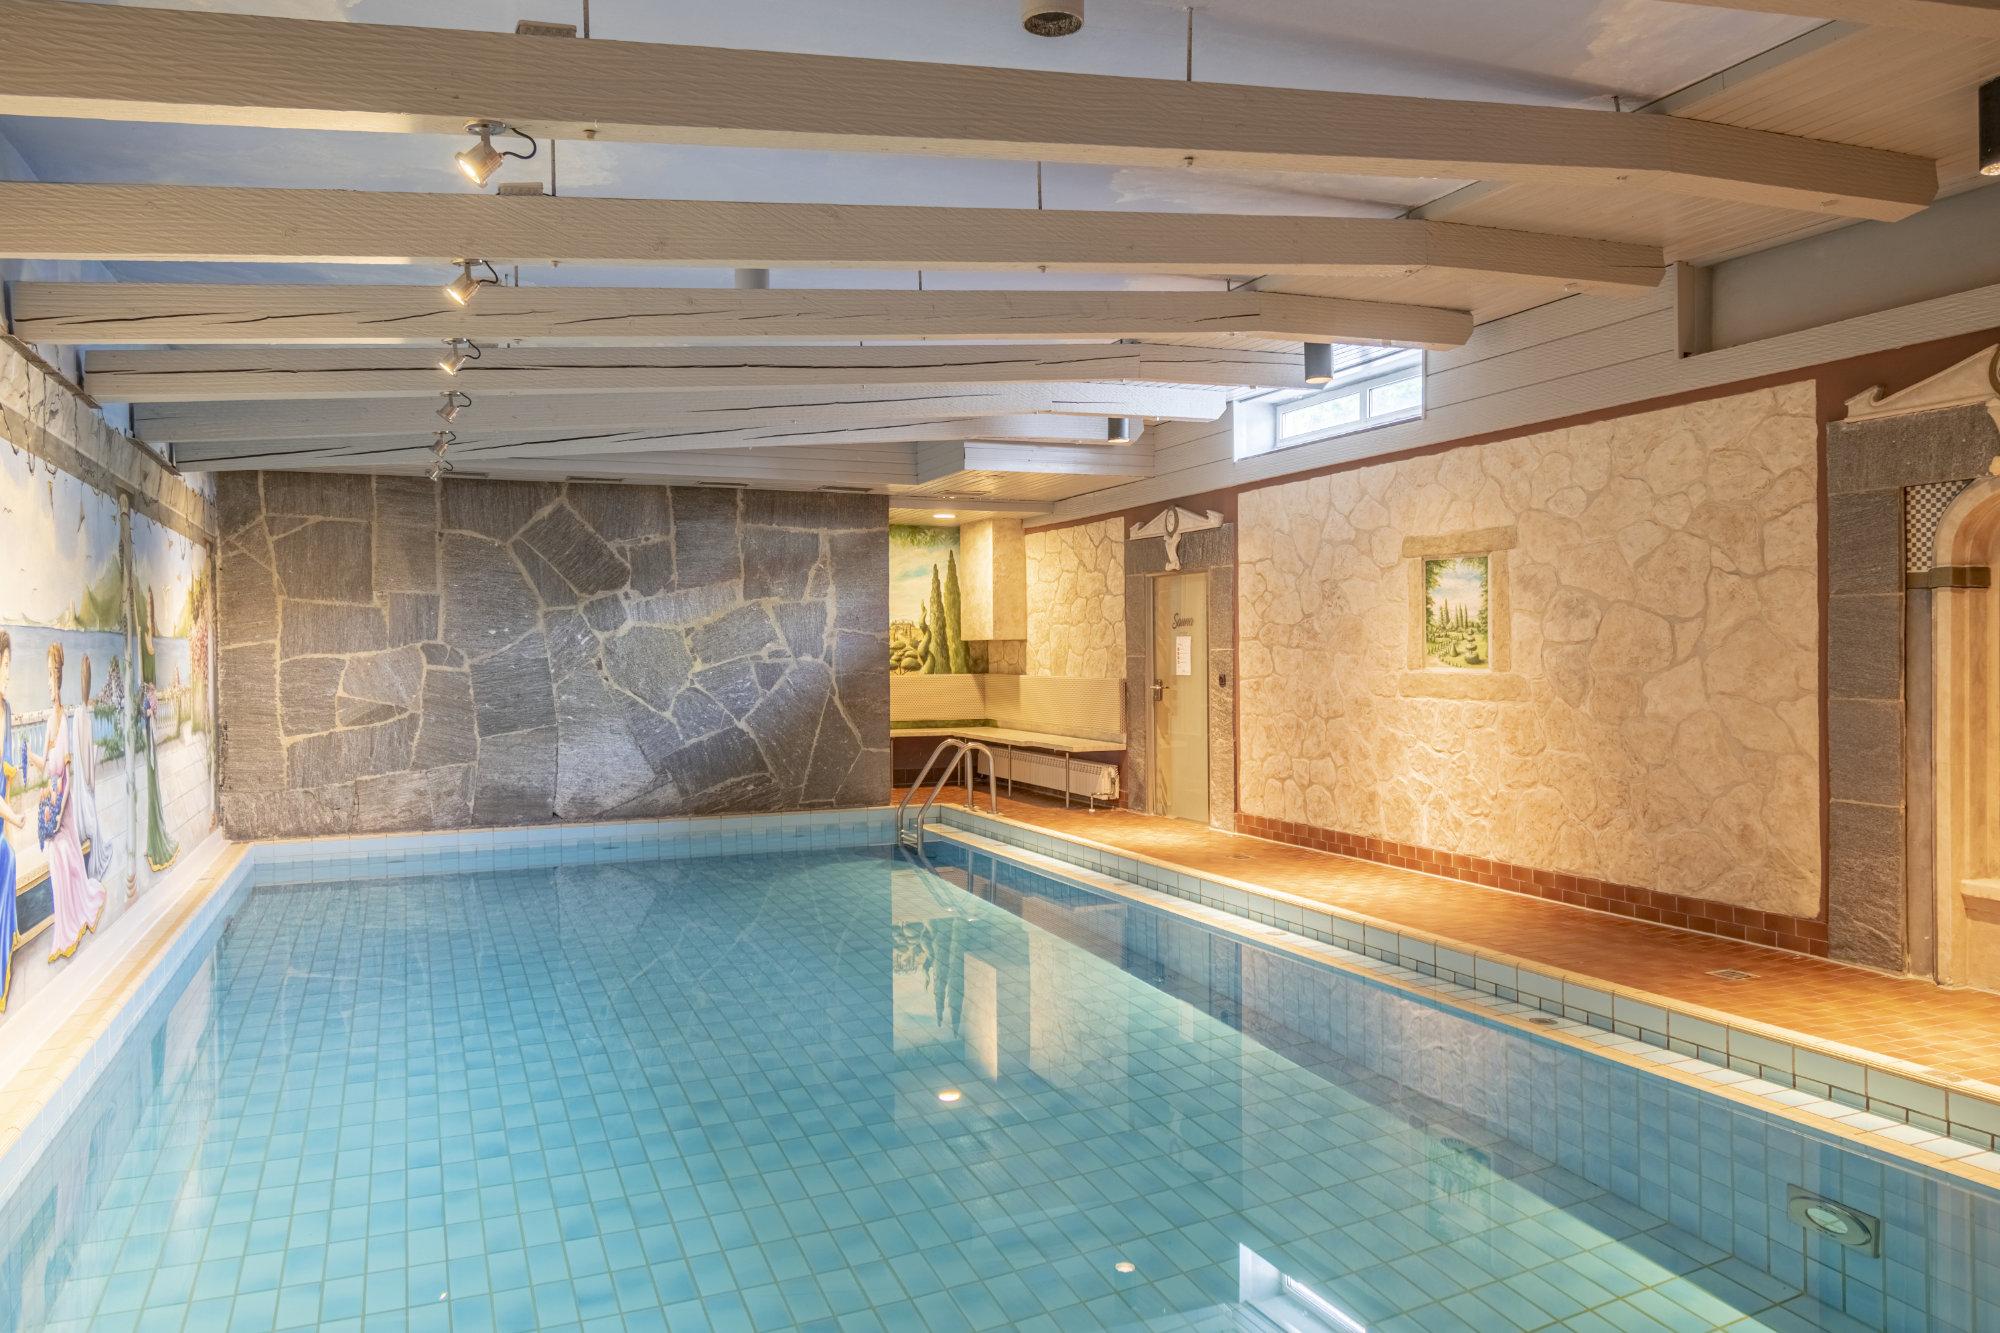 Schwimmbecken mit dem Weg zur Sauna